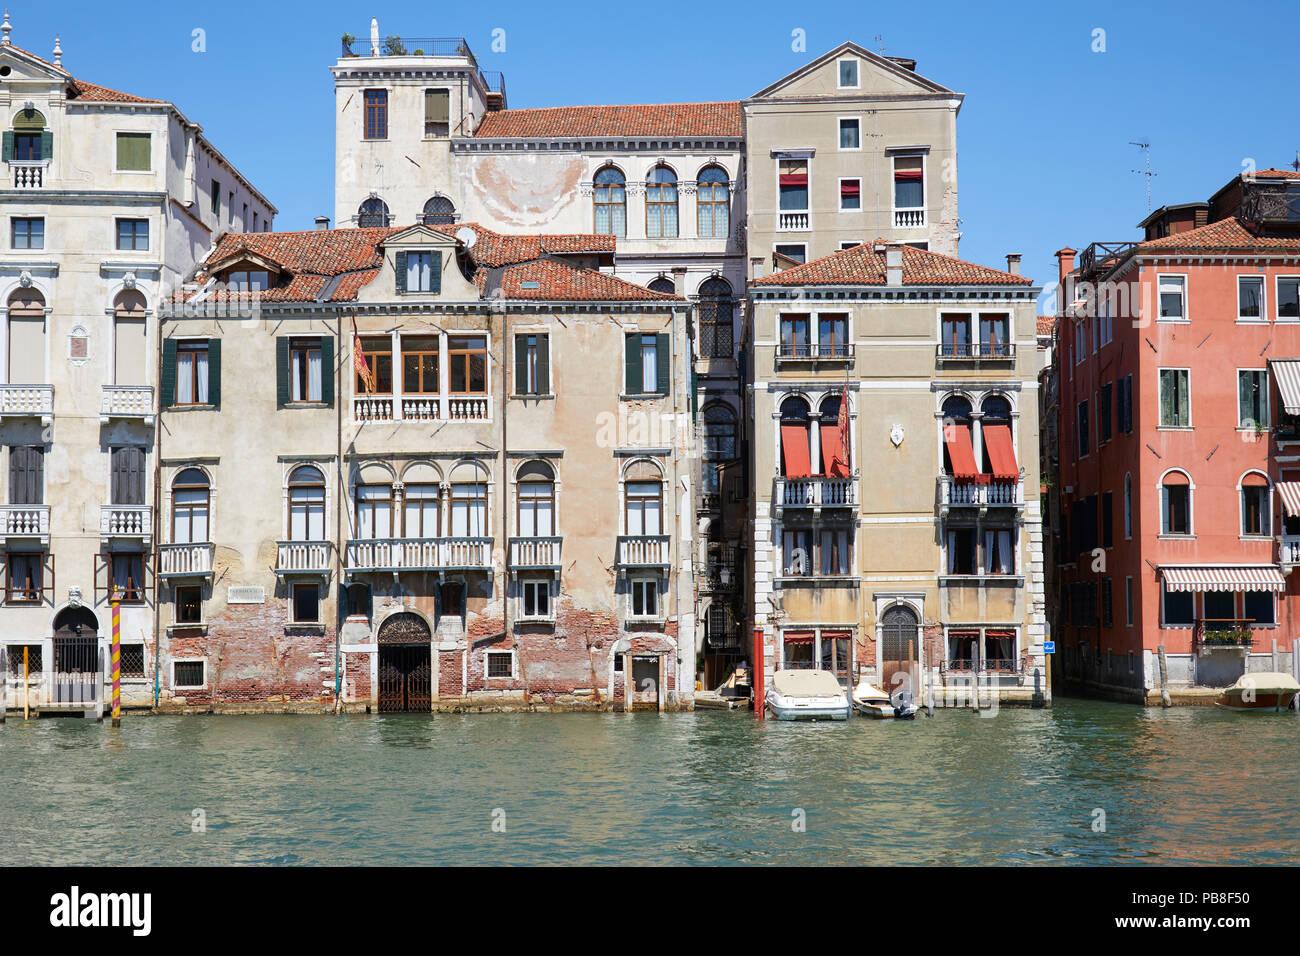 Venedig Gebäuden, Fassaden und Kanal in einen sonnigen Tag in Italien, niemand Stockbild